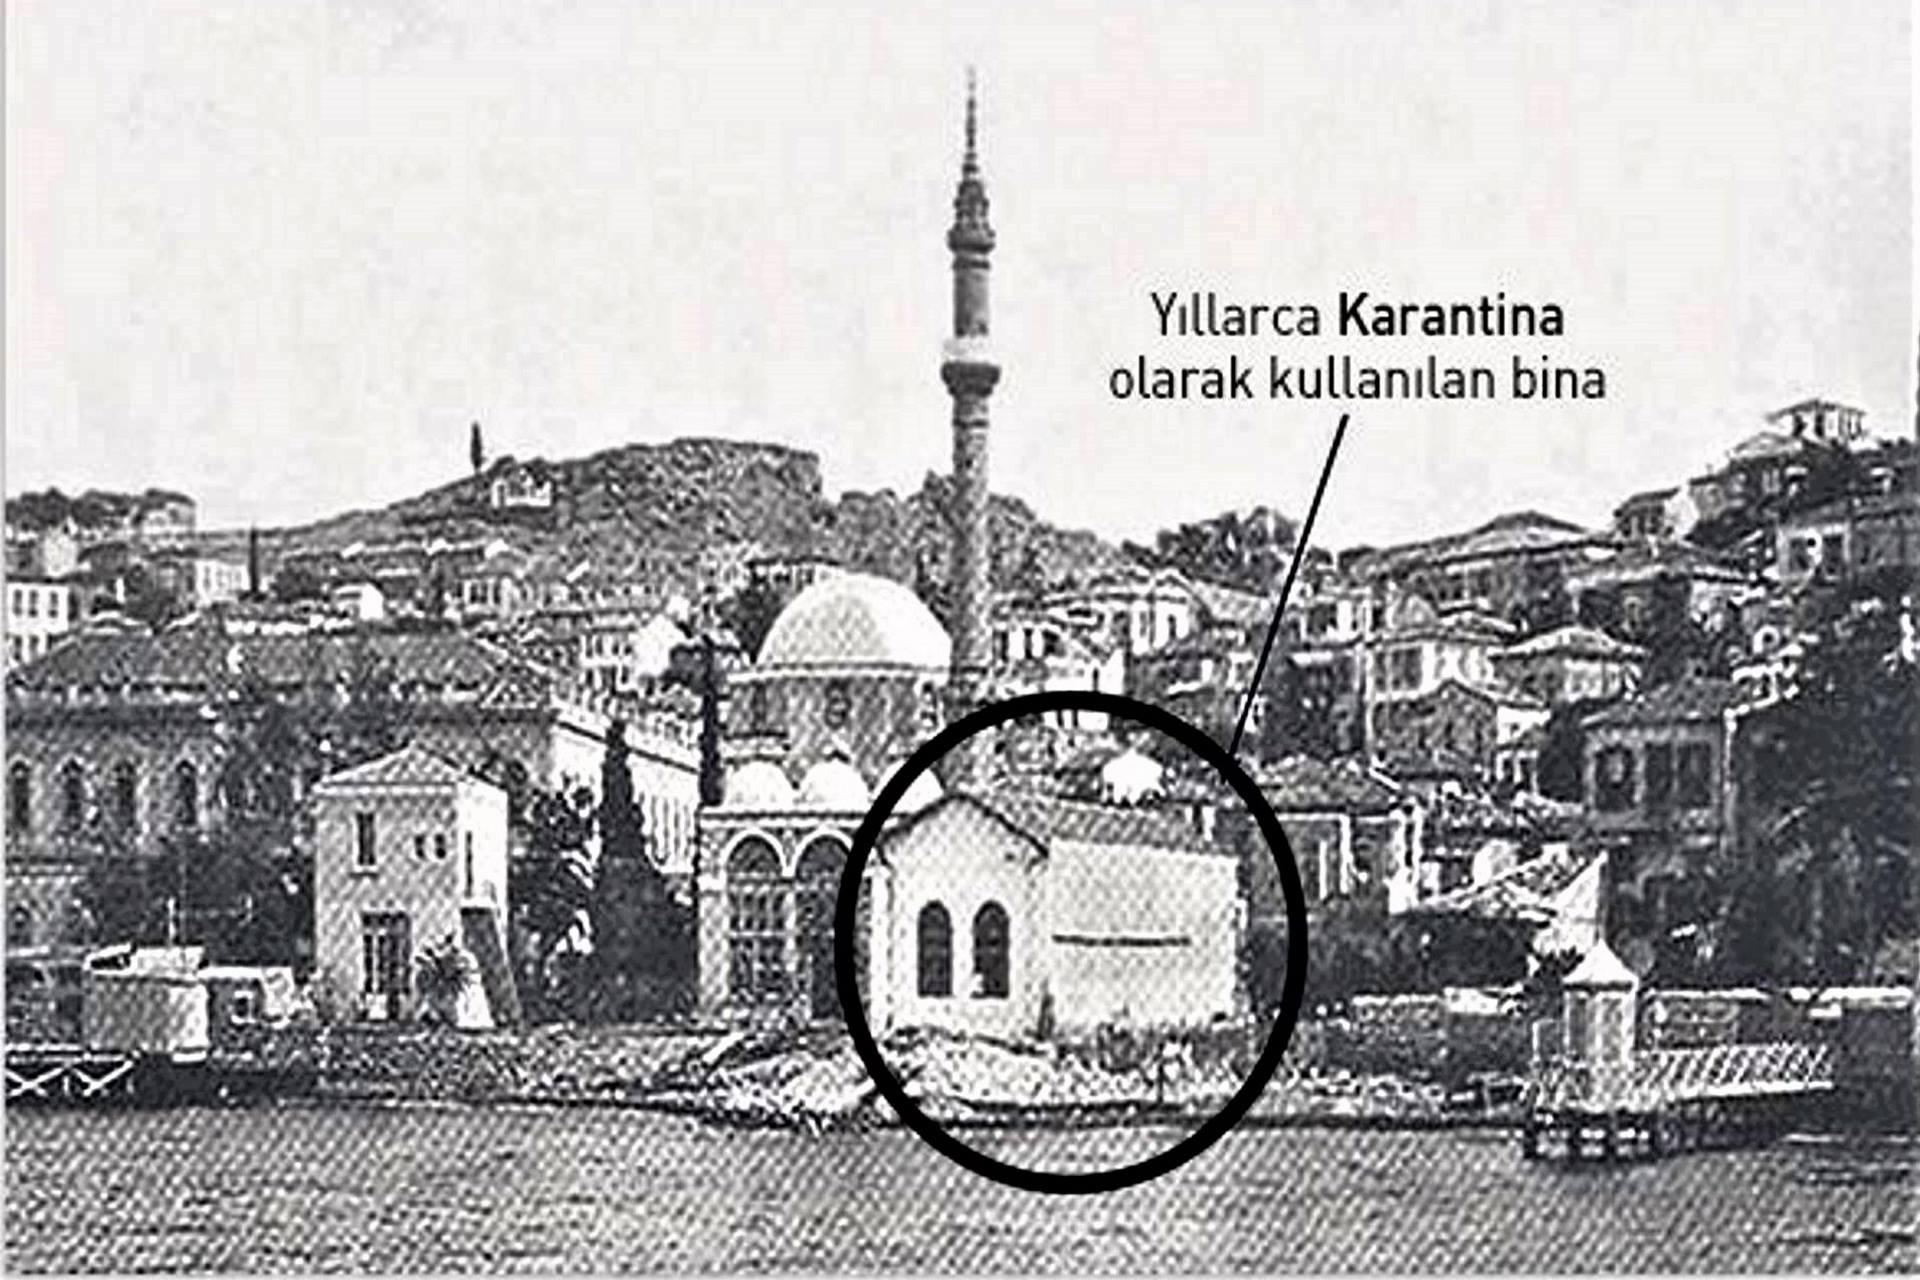 İzmir Karantina semti